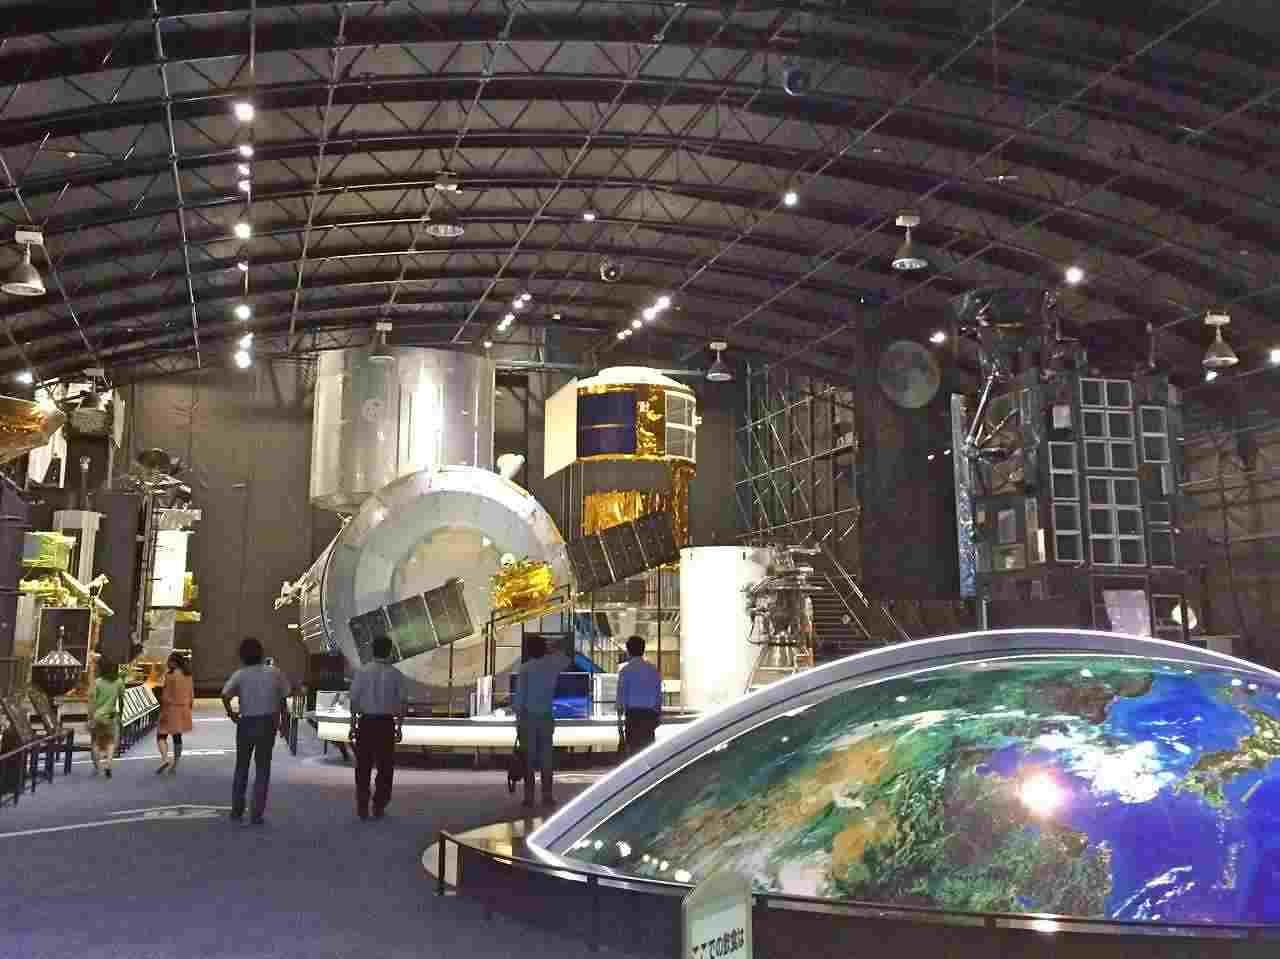 筑波宇宙センター展示館の「きぼう」がリニューアル。本物そっくりの実物大模型で、あなたも宇宙へ